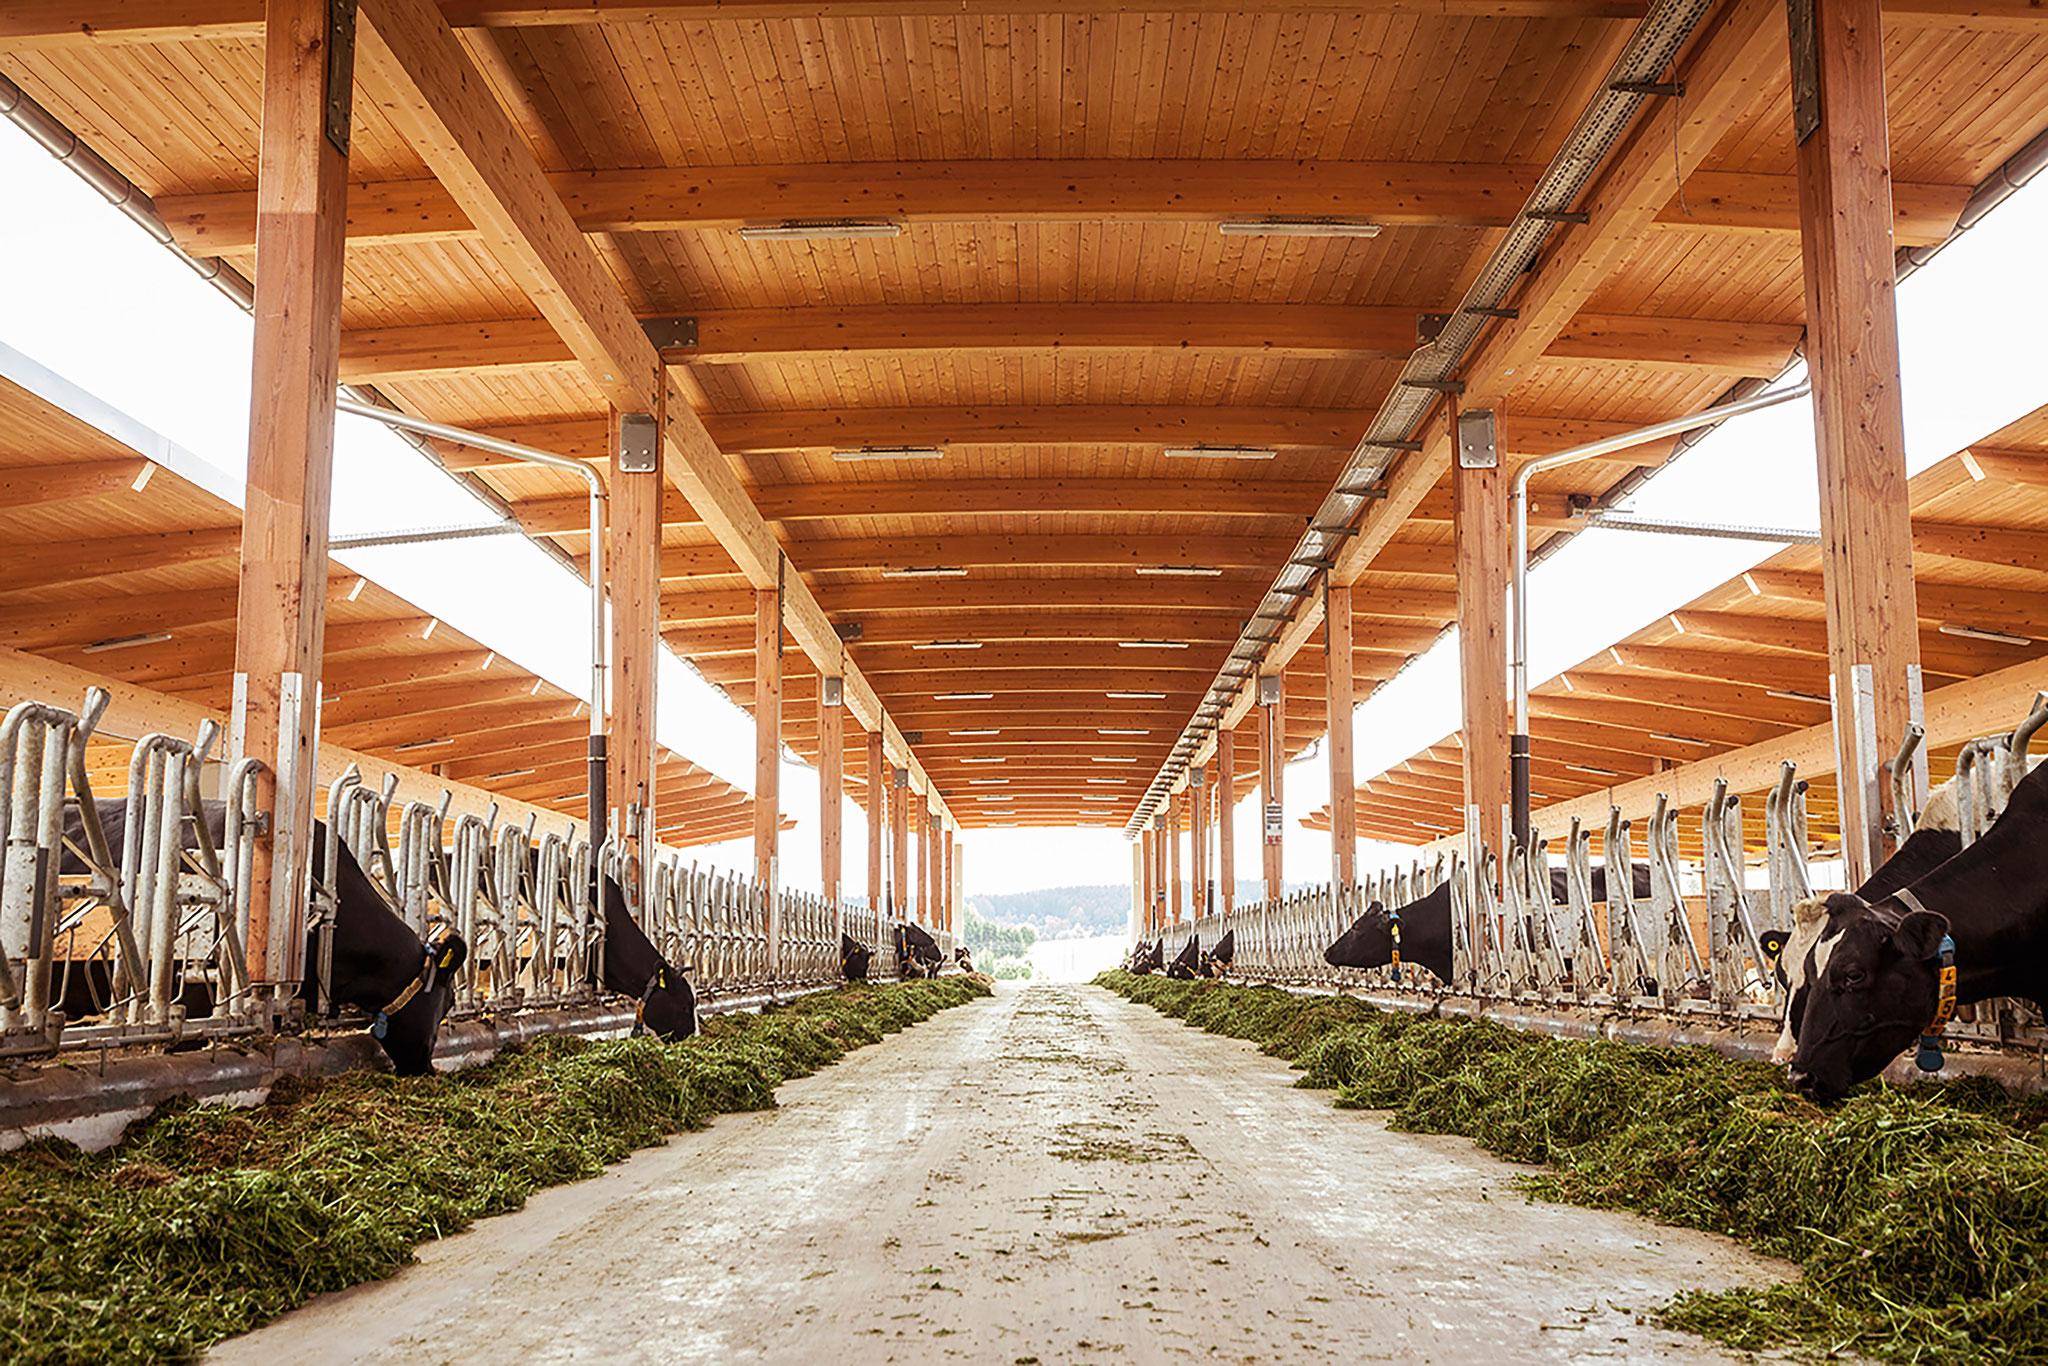 Der Blick in einen der neuen Ställe. Hier können sich die Tiere frei bewegen und die natürliche Witterung, aufgrund der offenen Bauweise, direkt miterleben.